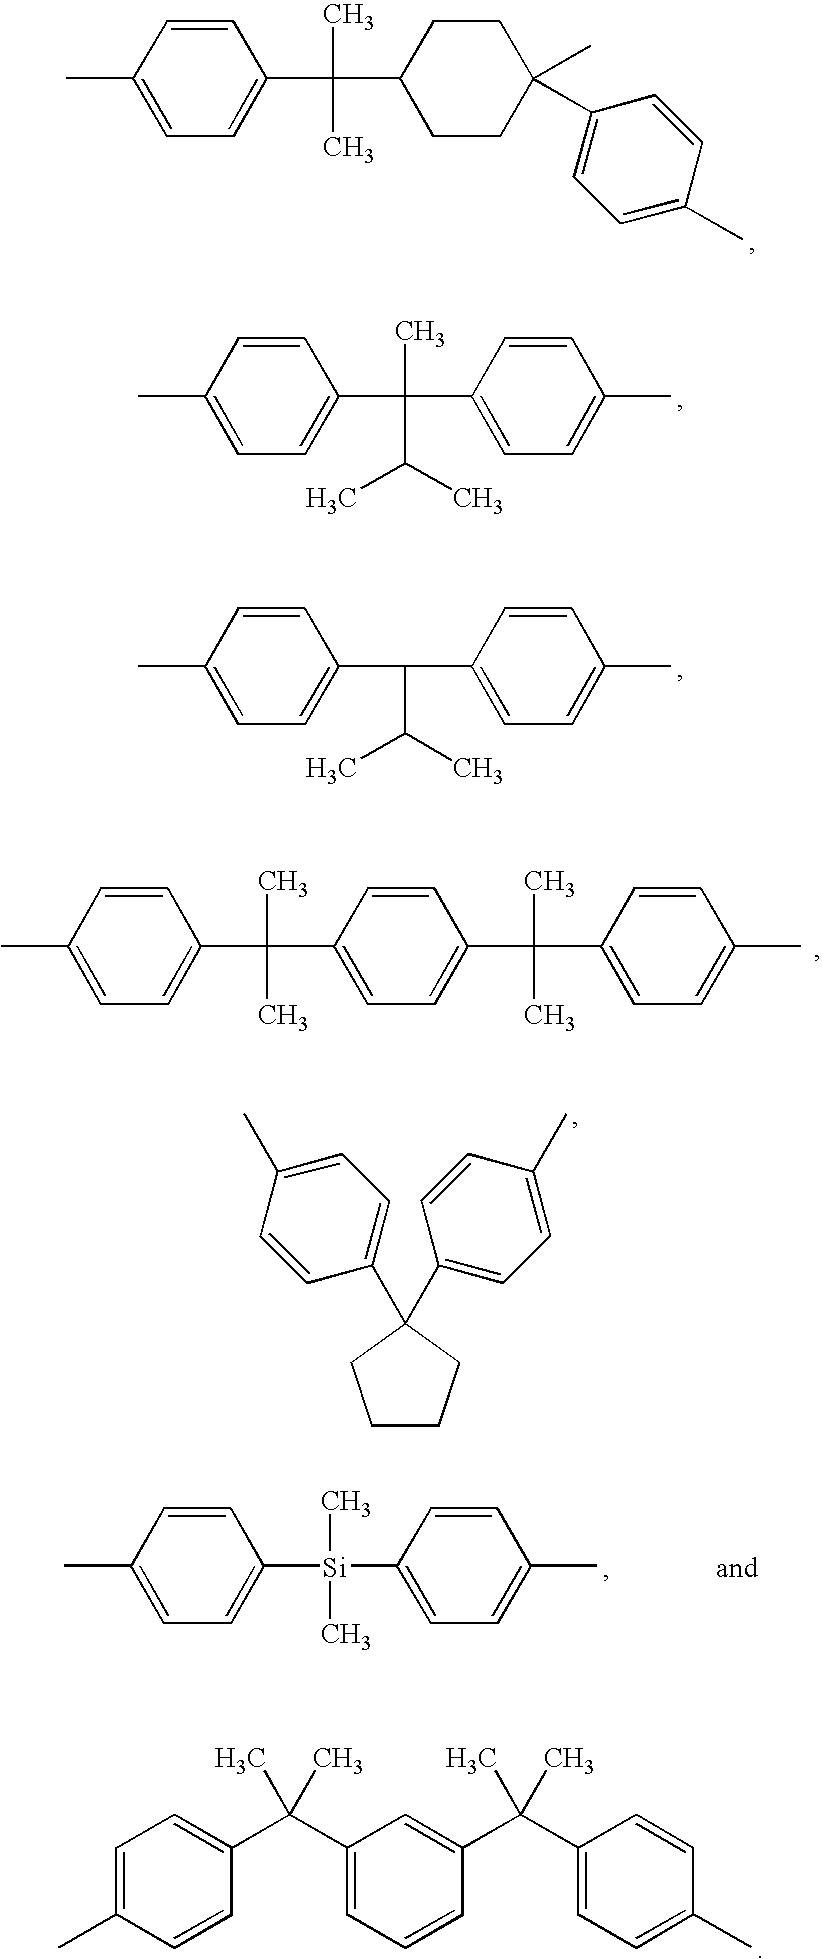 Figure US20080166644A1-20080710-C00009